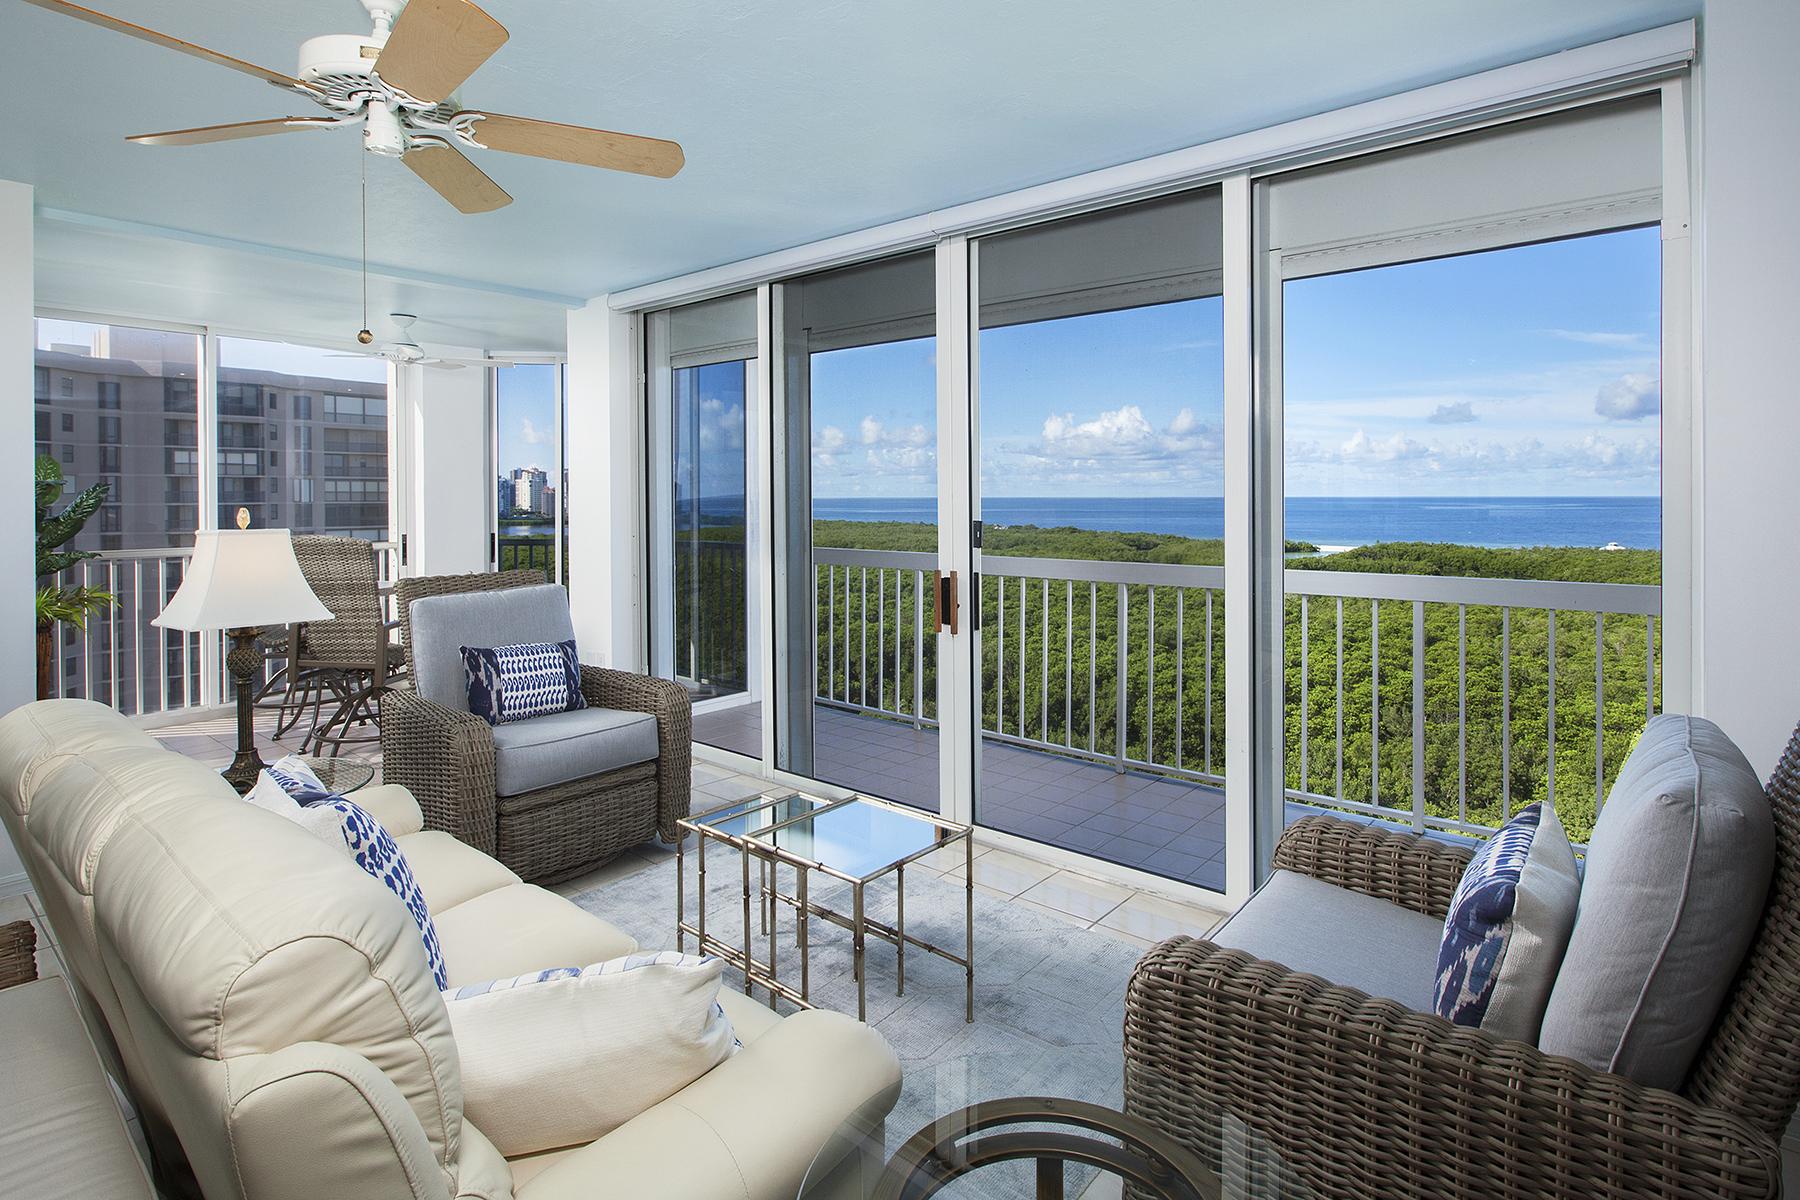 Nhà chung cư vì Bán tại PELICAN BAY - ST. MAARTEN 6101 Pelican Bay Blvd 1104 Naples, Florida, 34108 Hoa Kỳ